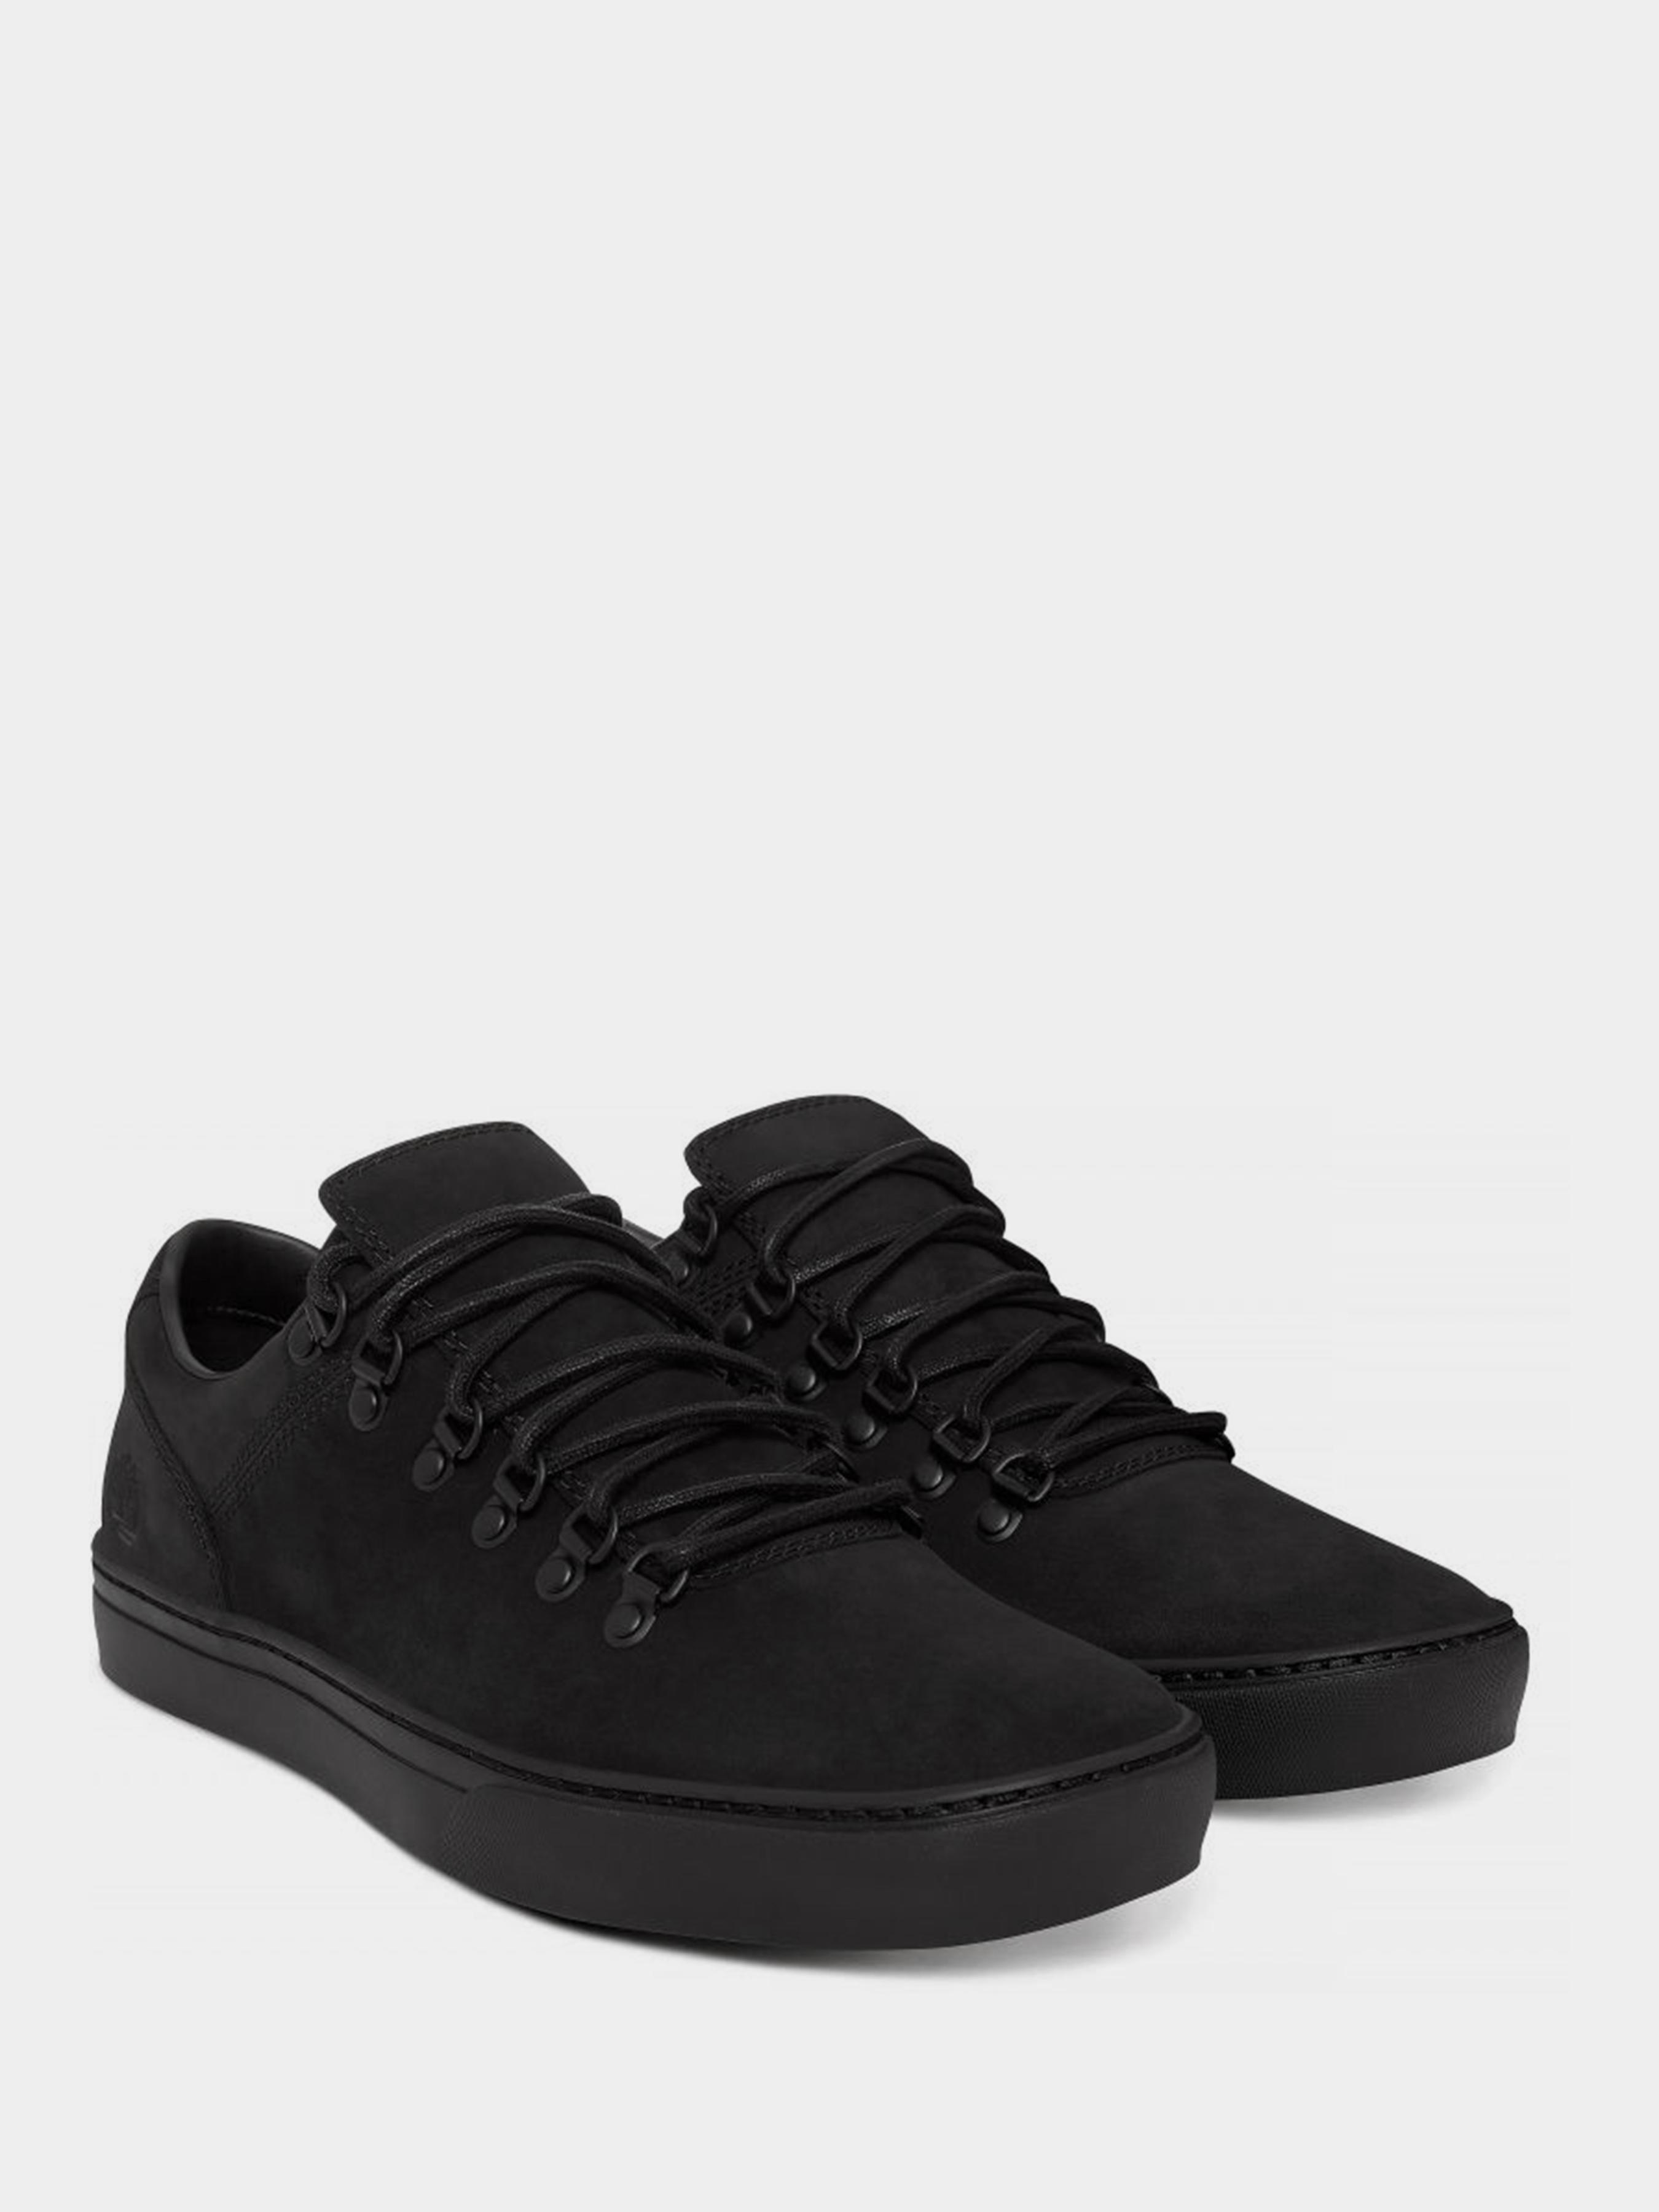 Полуботинки для мужчин Timberland Adventure 2.0 TF3898 модная обувь, 2017